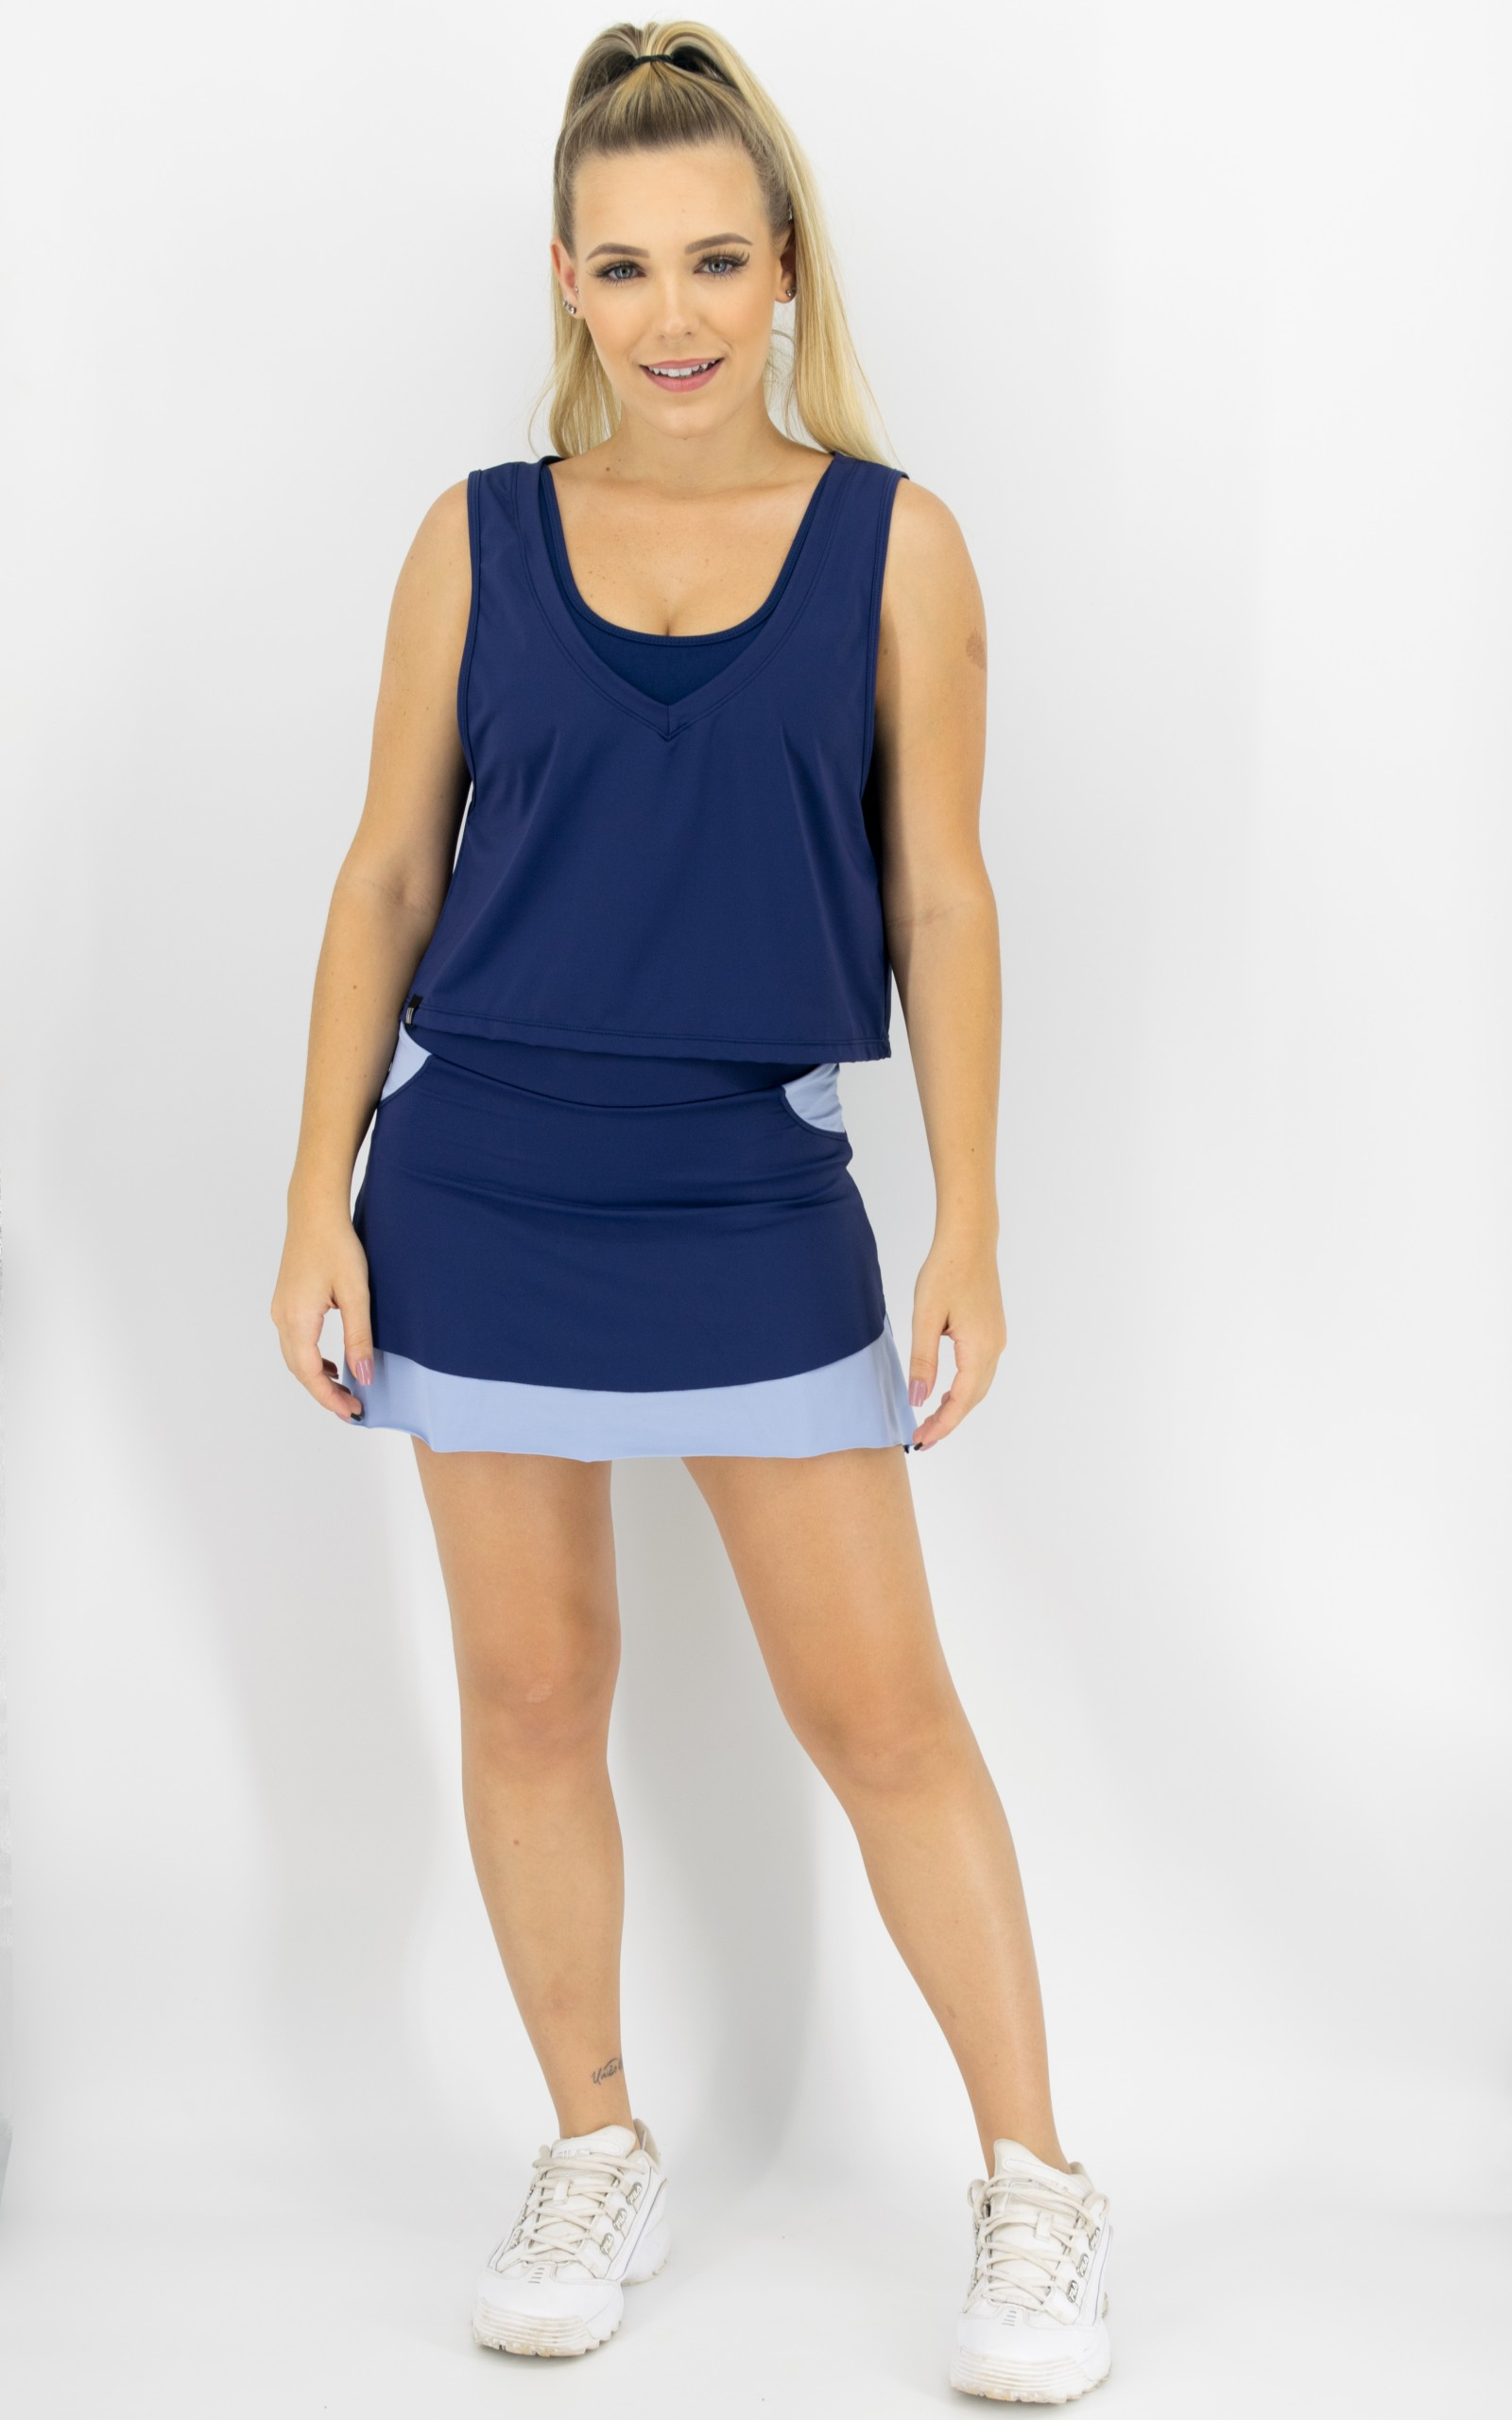 Saia Shorts Star Marinho, Coleção Move Your Body - NKT Fitwear Moda Fitness